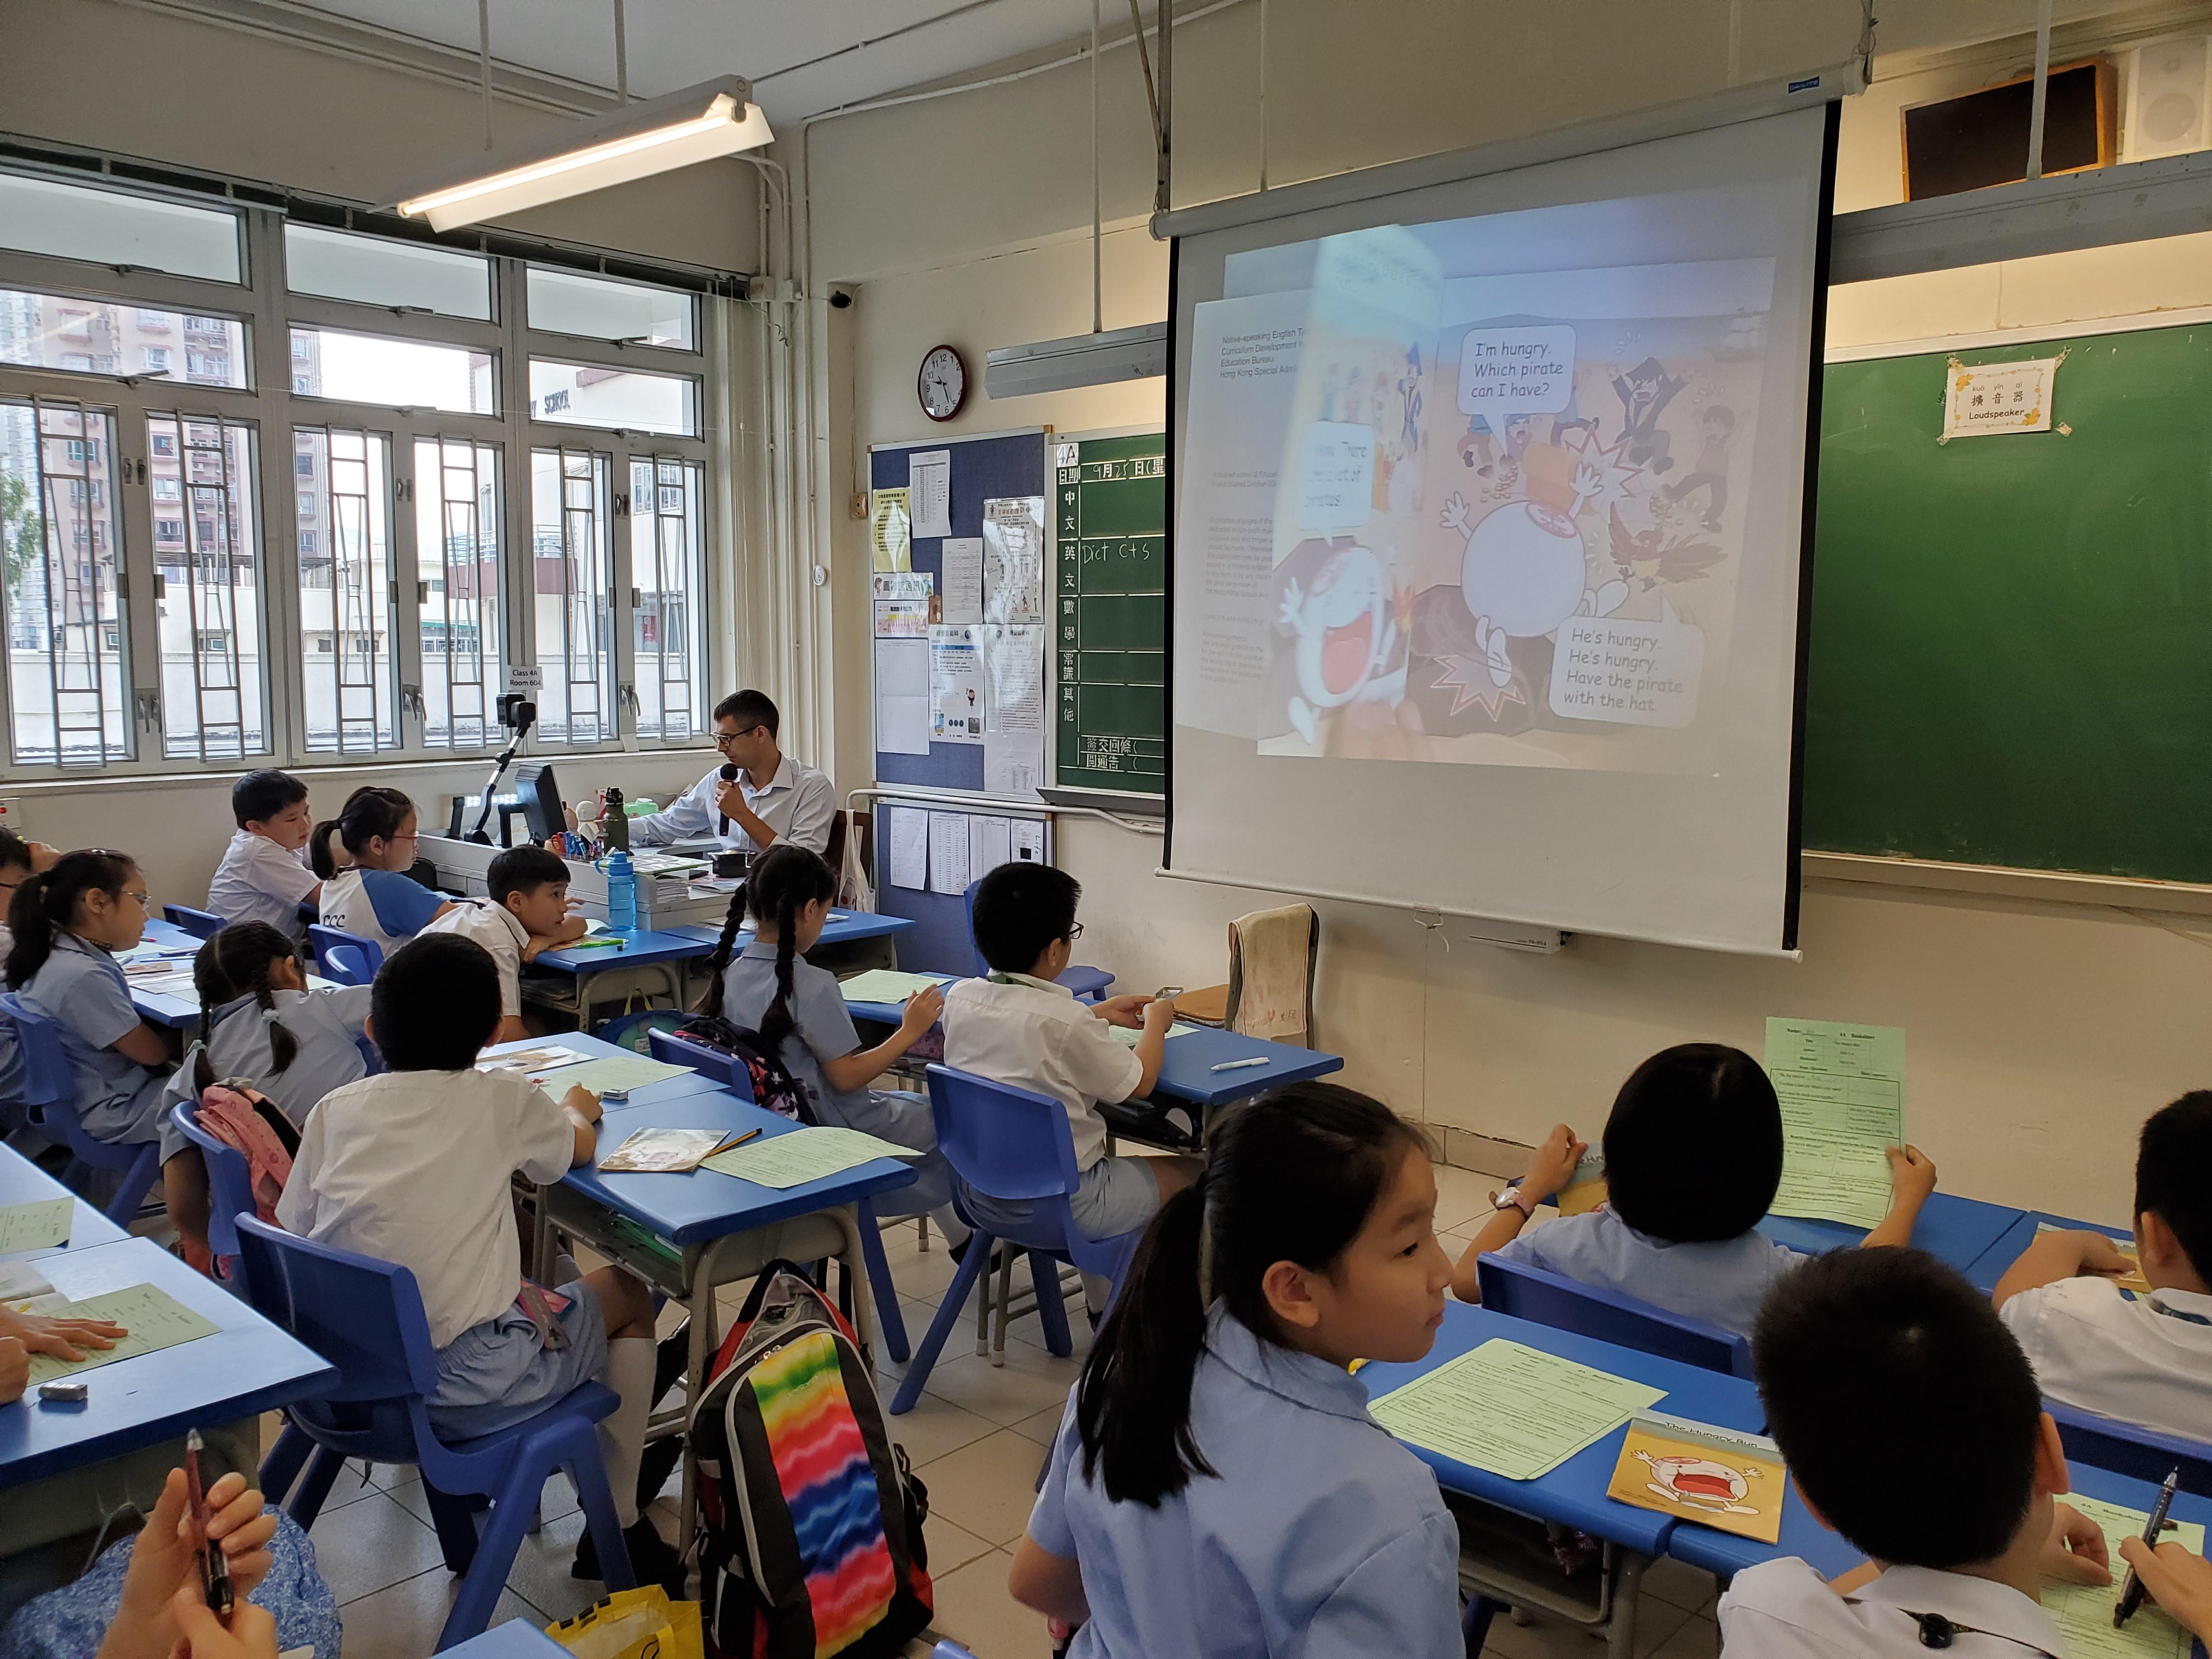 http://www.keiwan.edu.hk/sites/default/files/6_3.jpg